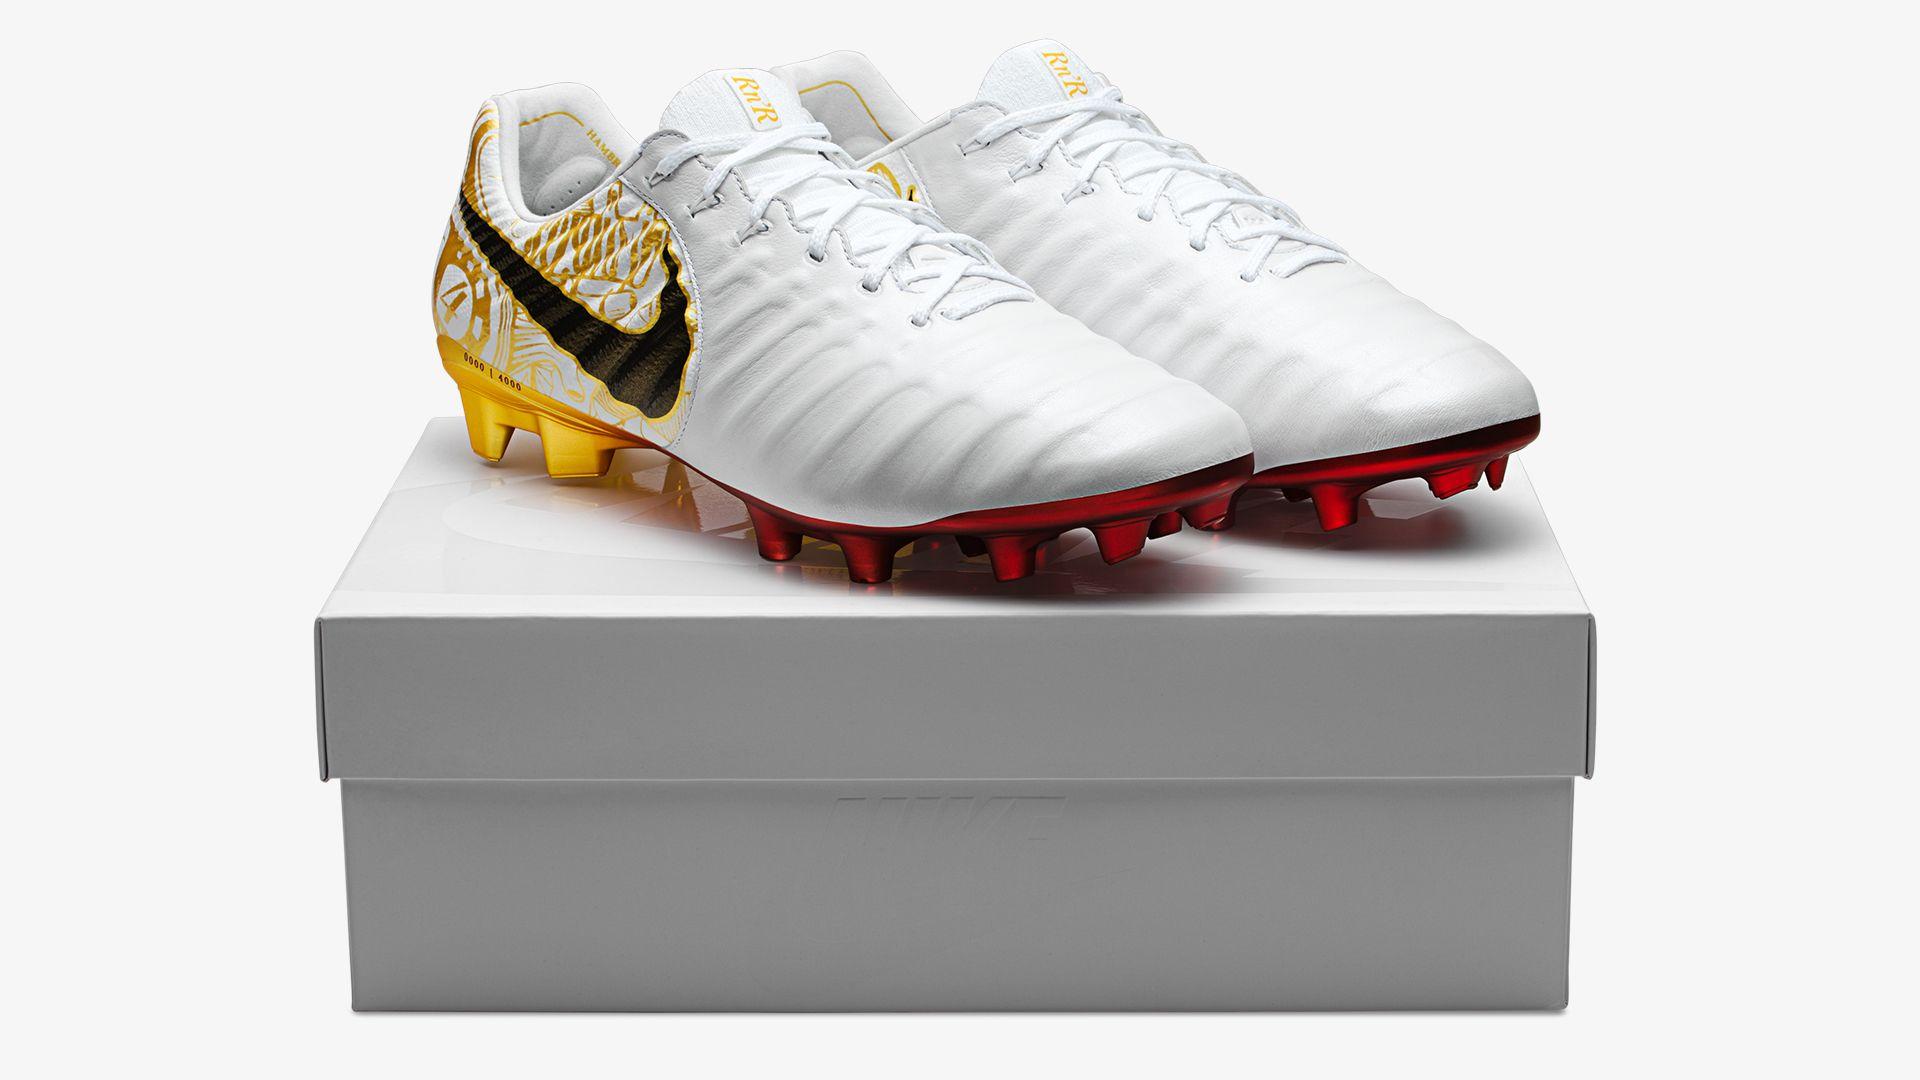 """new product e4eb1 aacdd Sergio Ramos TIempo """"Corazon y Sangre"""". Nike.com"""